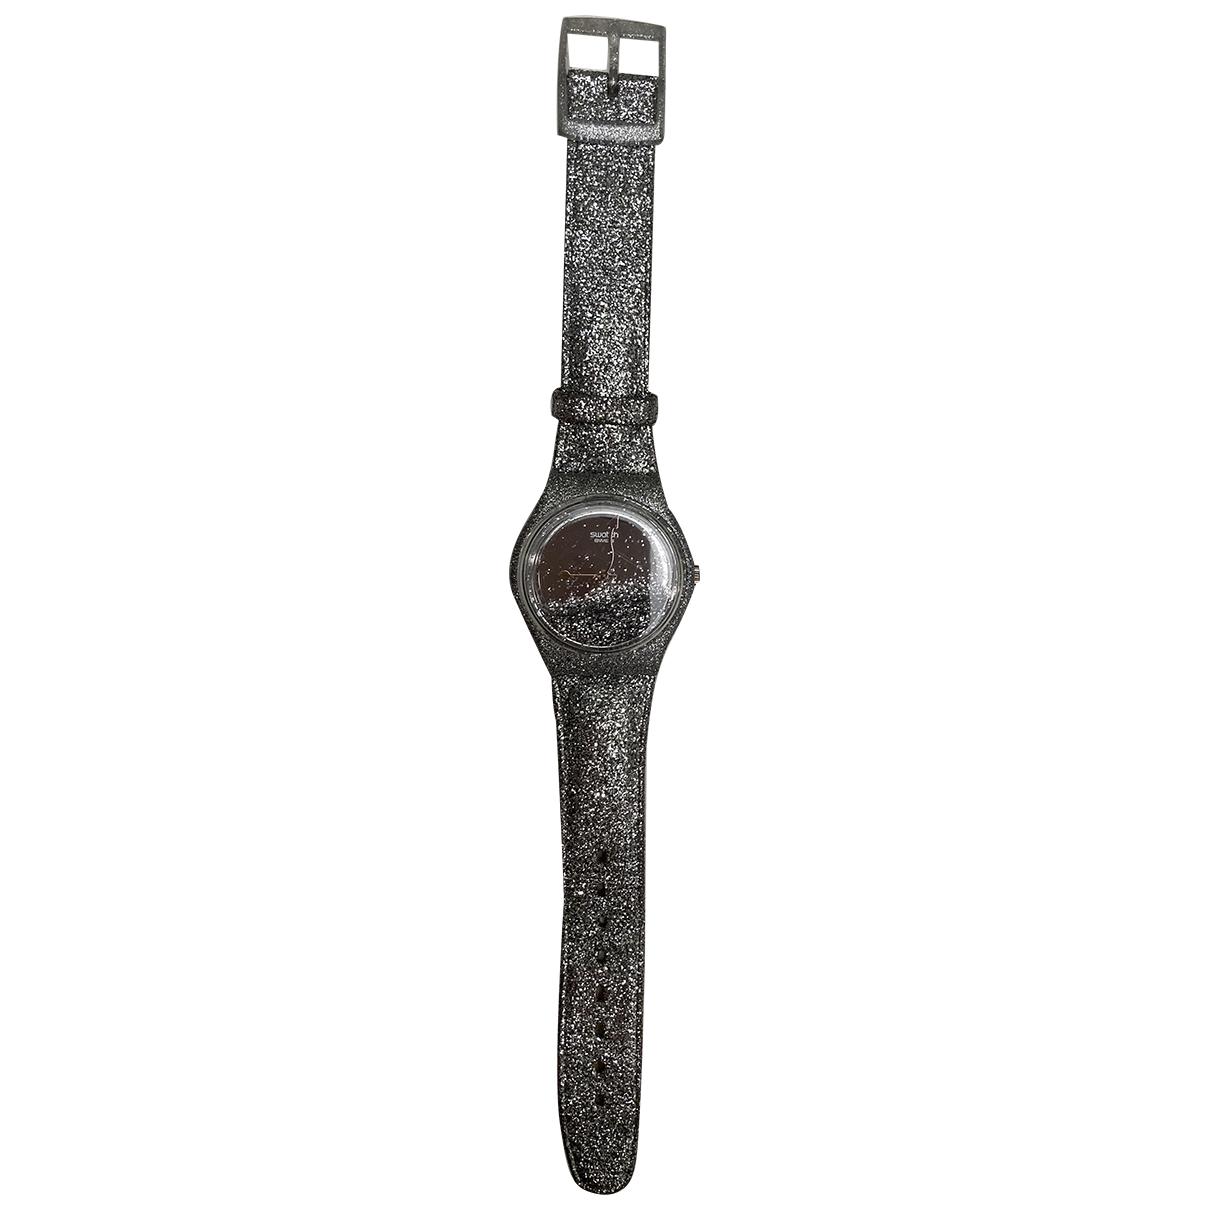 Swatch \N Uhr Silber